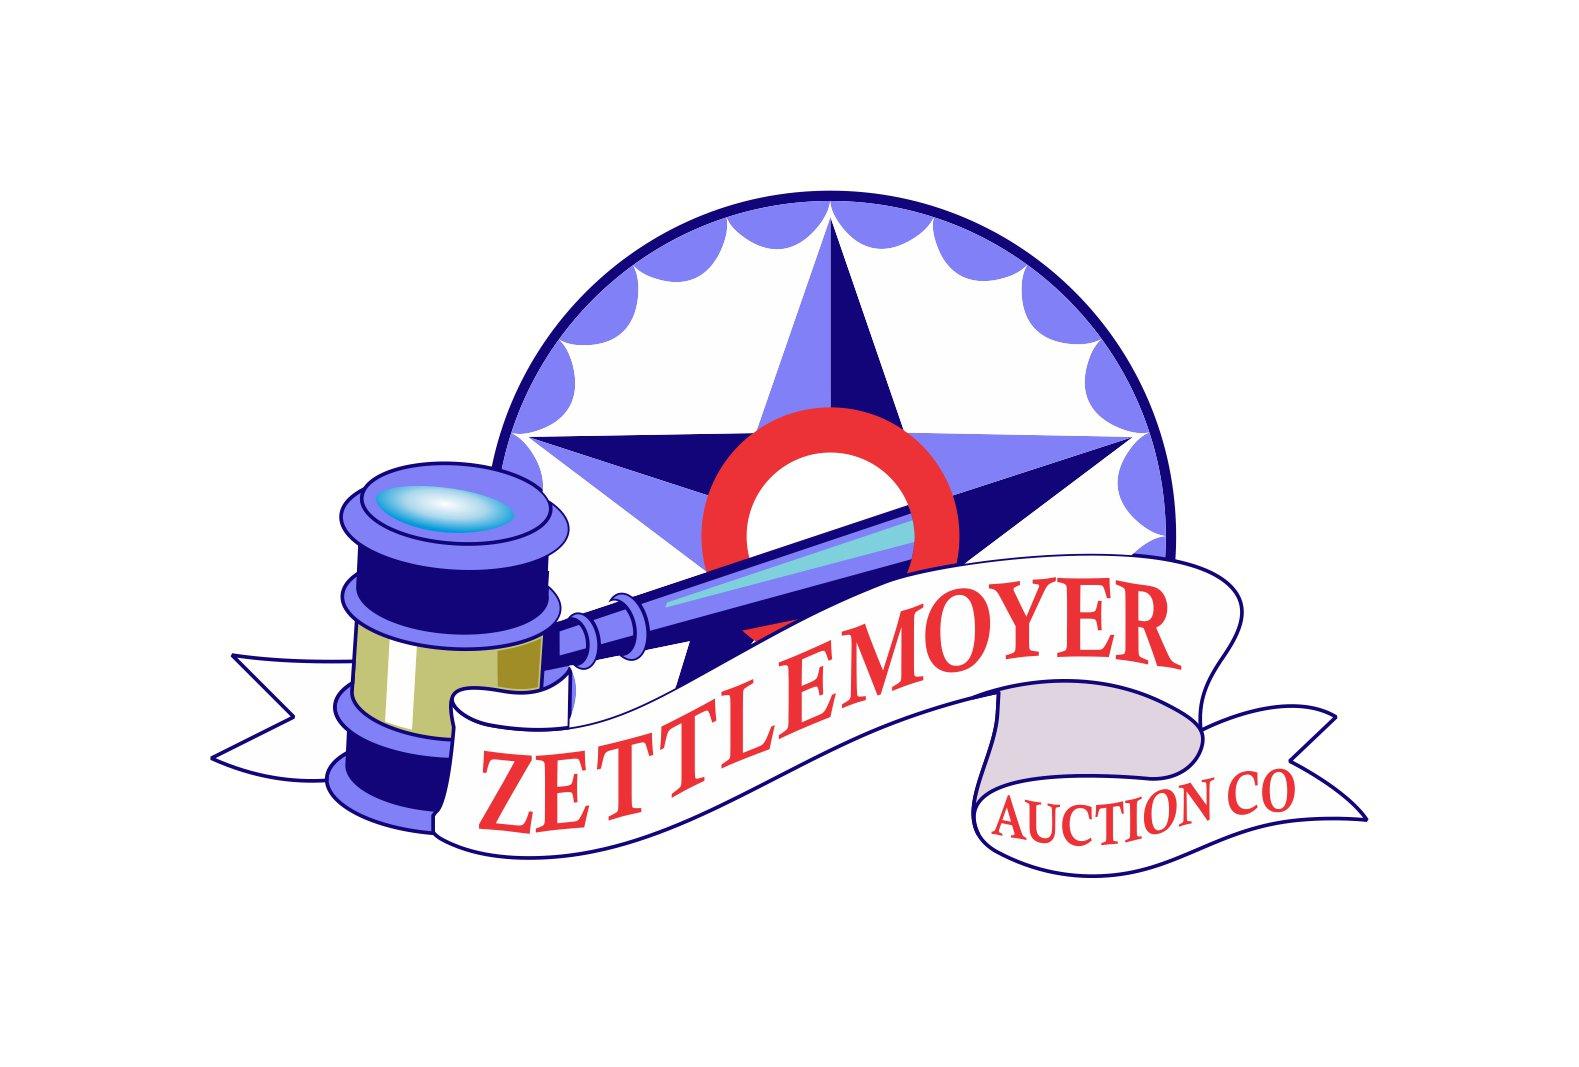 Zettlemoyer Auction Co., LLC Logo